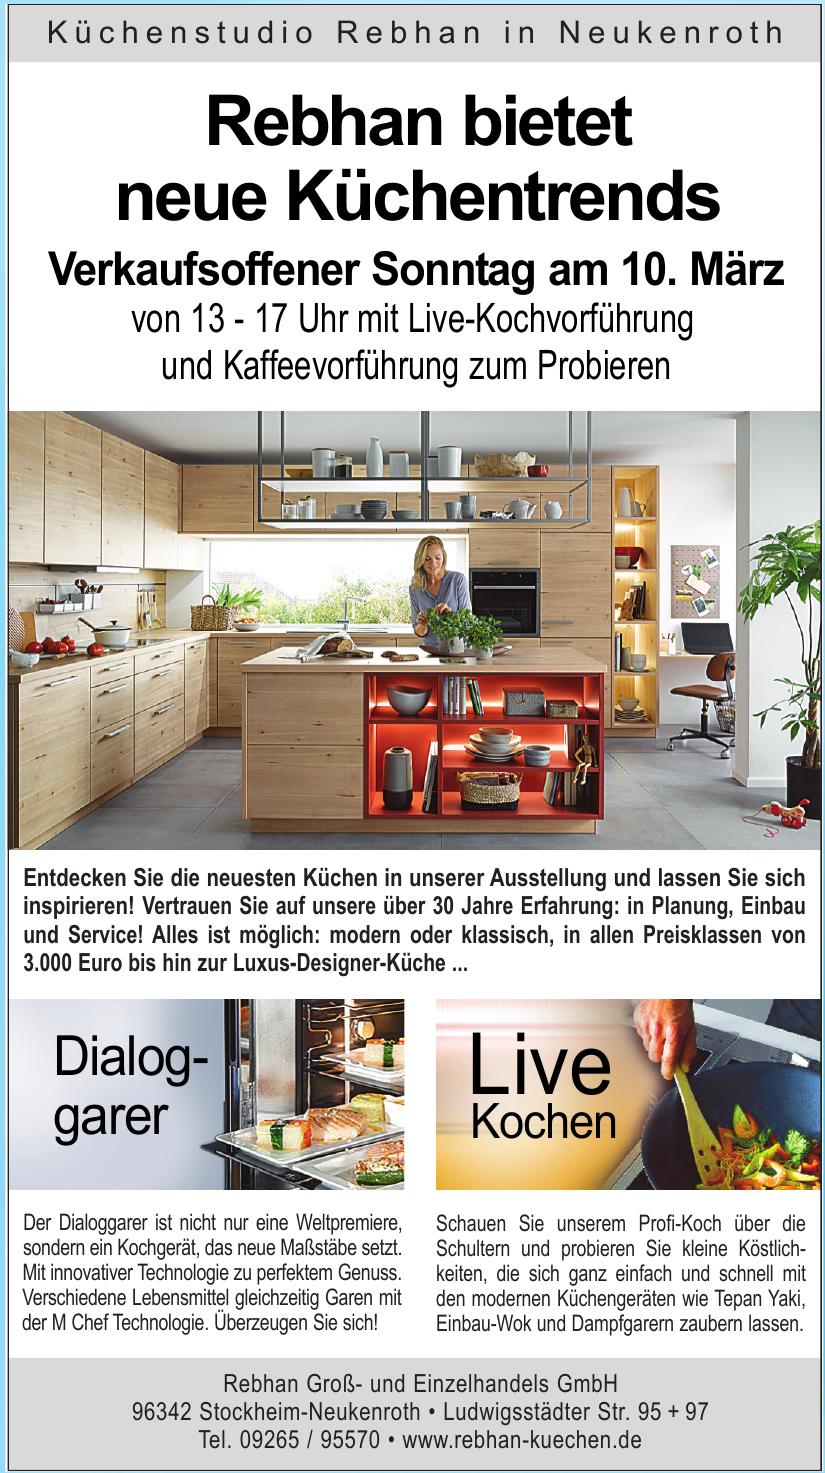 Rebhan Groß- Einzelhandels GmbH